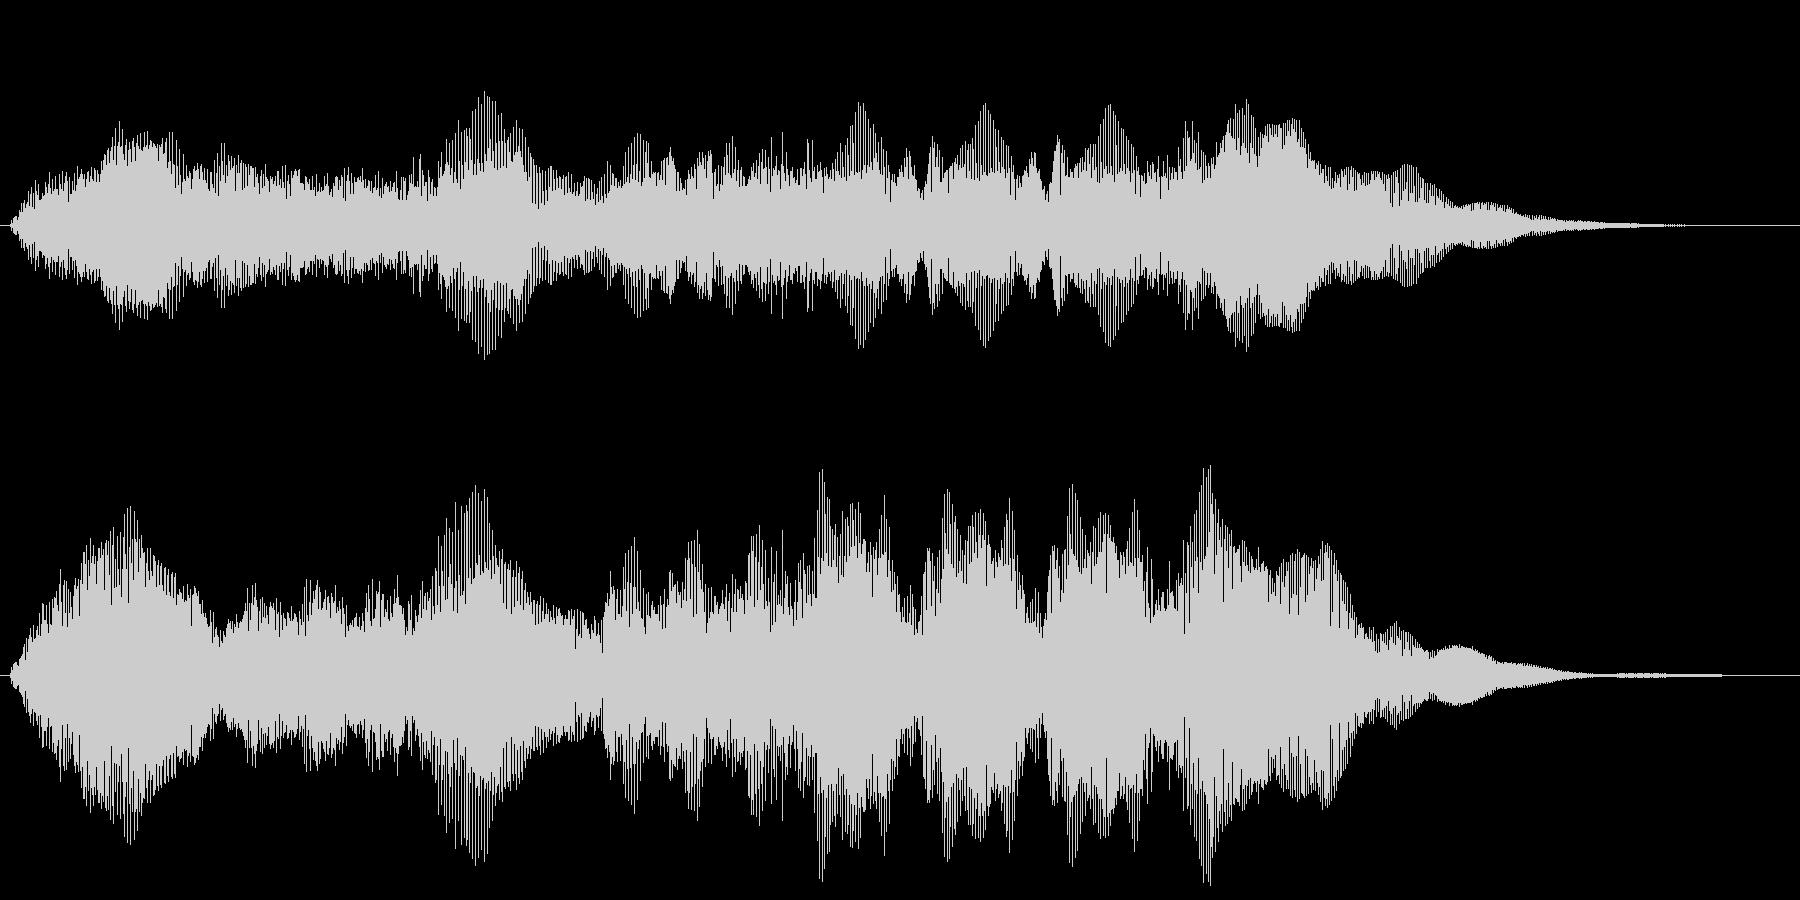 栄光 勝利のファンファーレ シンプル版の未再生の波形